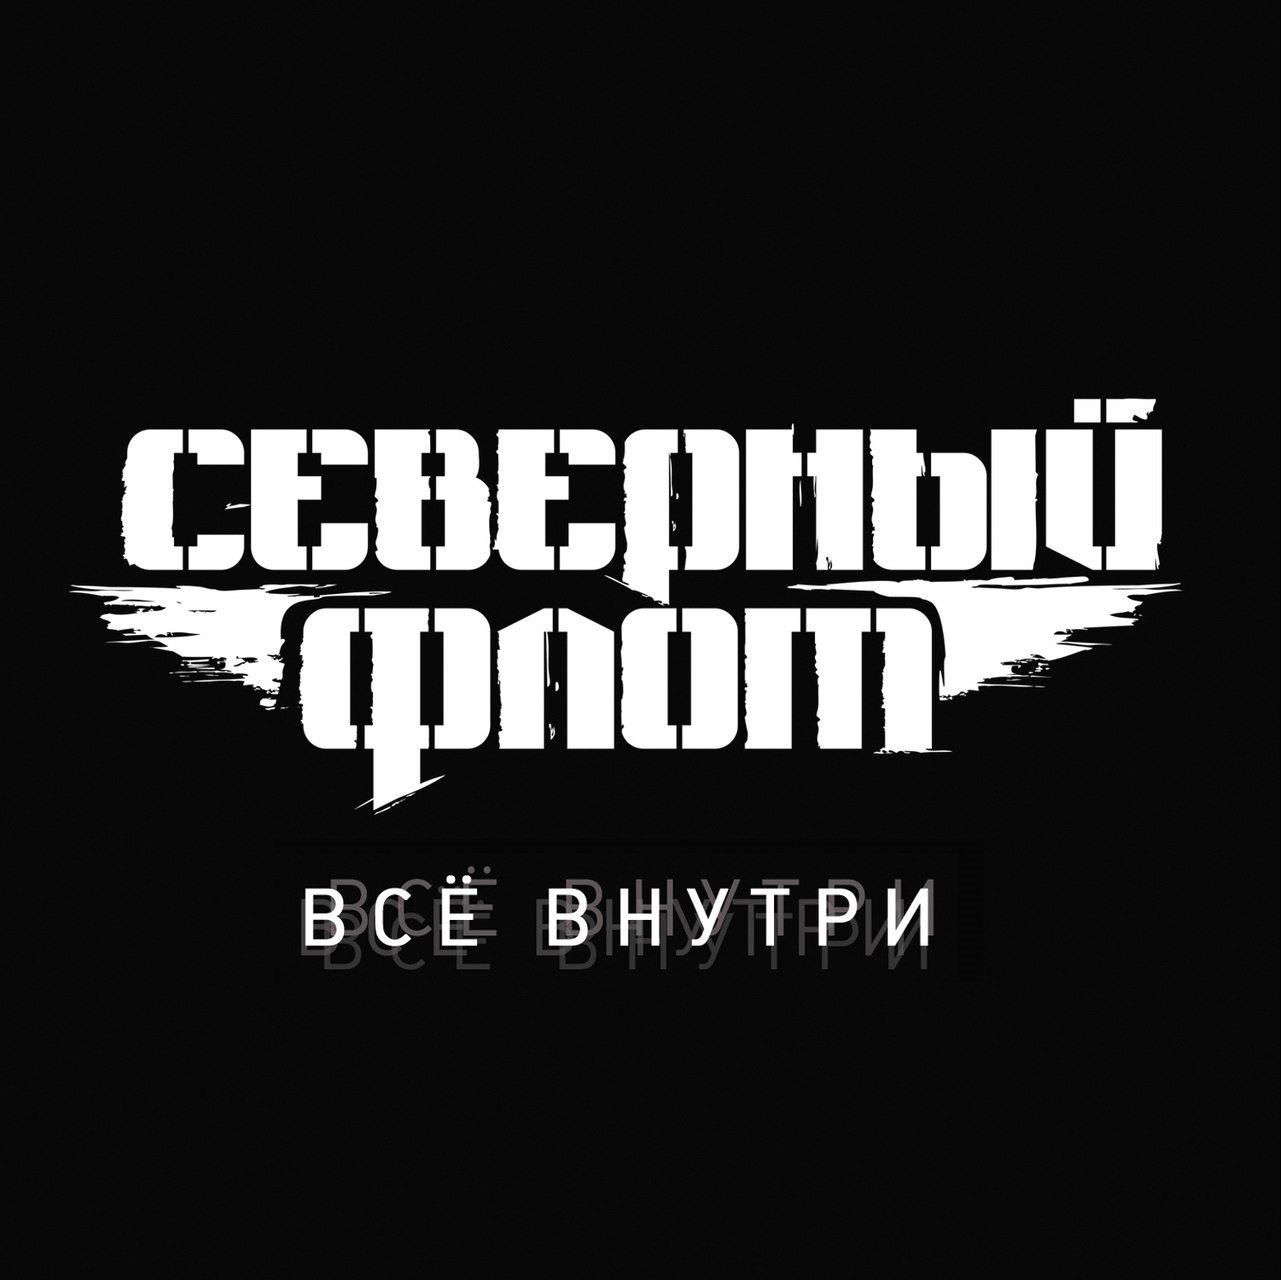 Трансляция первого московского концерта группы Северный флот